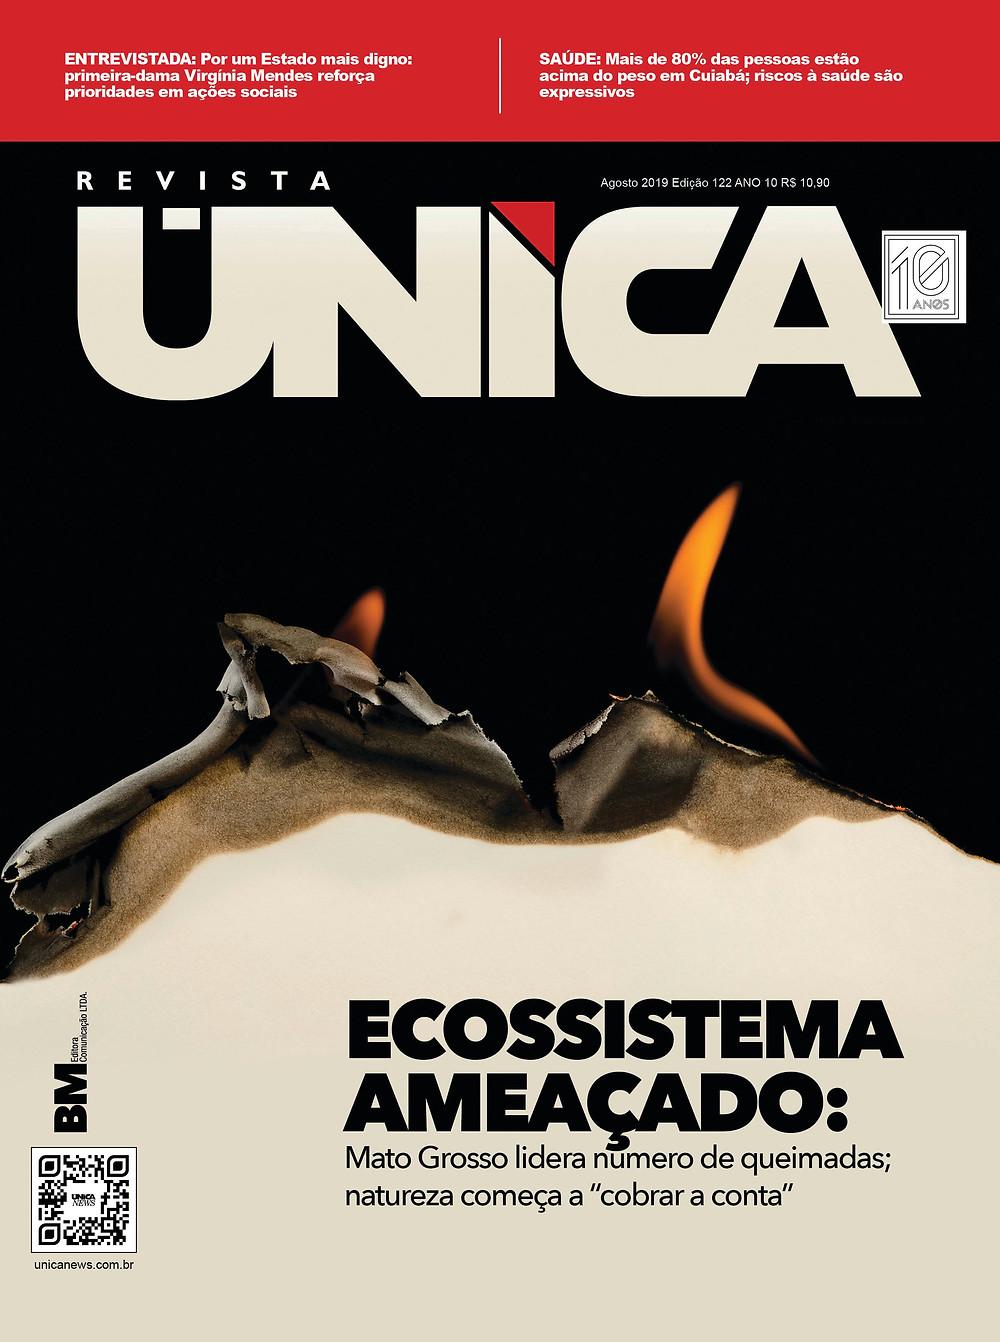 Capa da edição de agosto da Revista Única